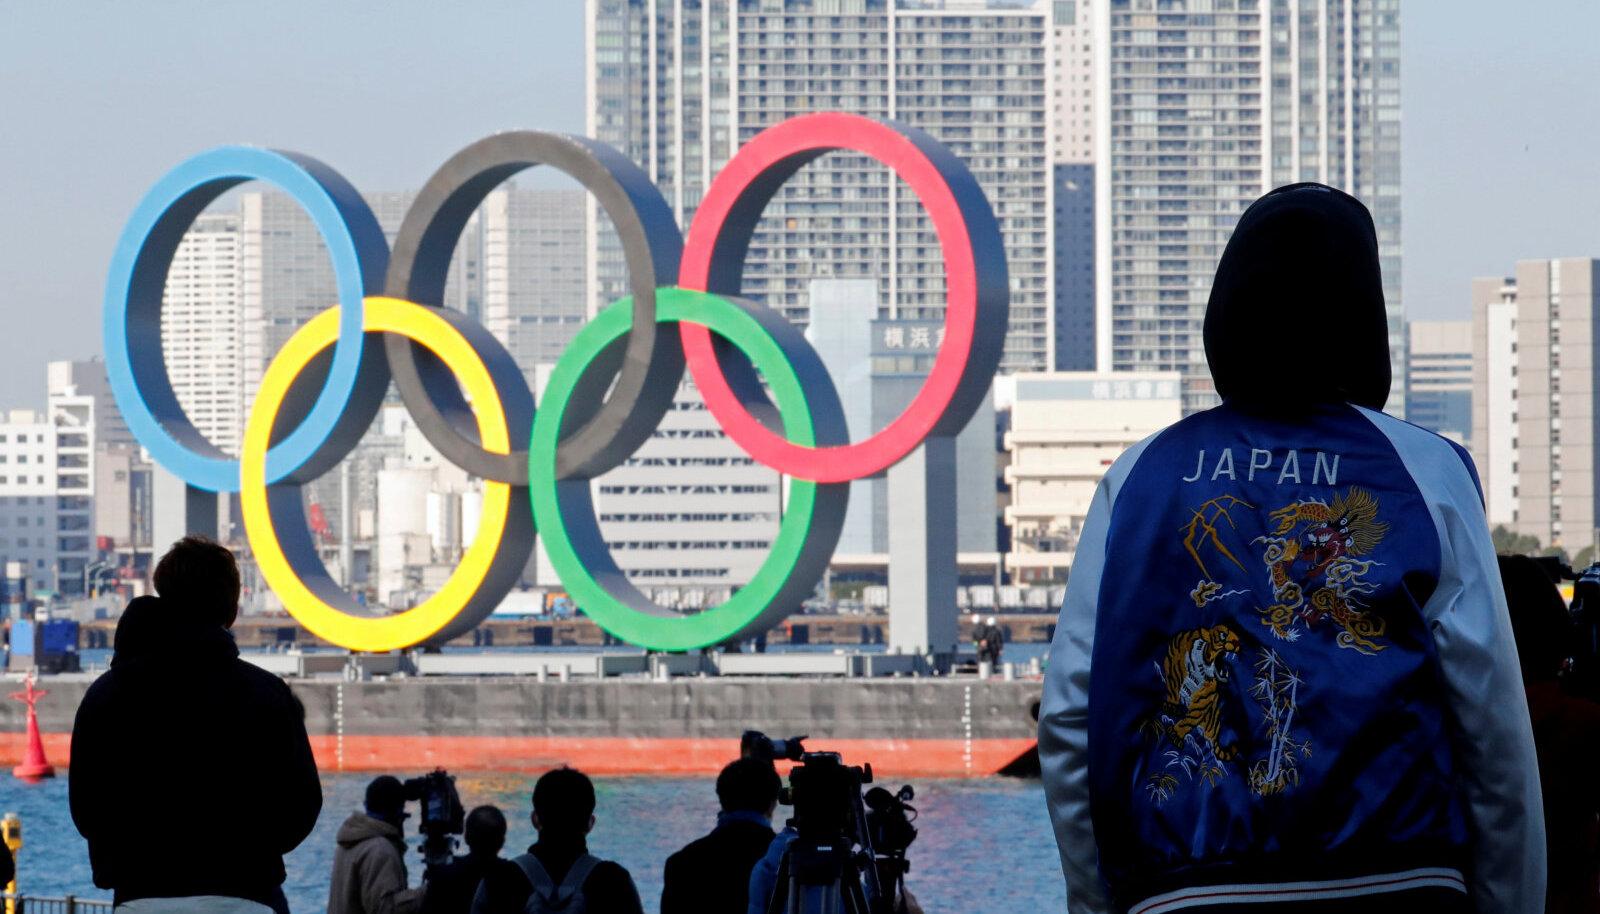 Tokyos valmistutakse usinalt olümpiamängudeks, aga kui turvalised need ikkagi oleks?